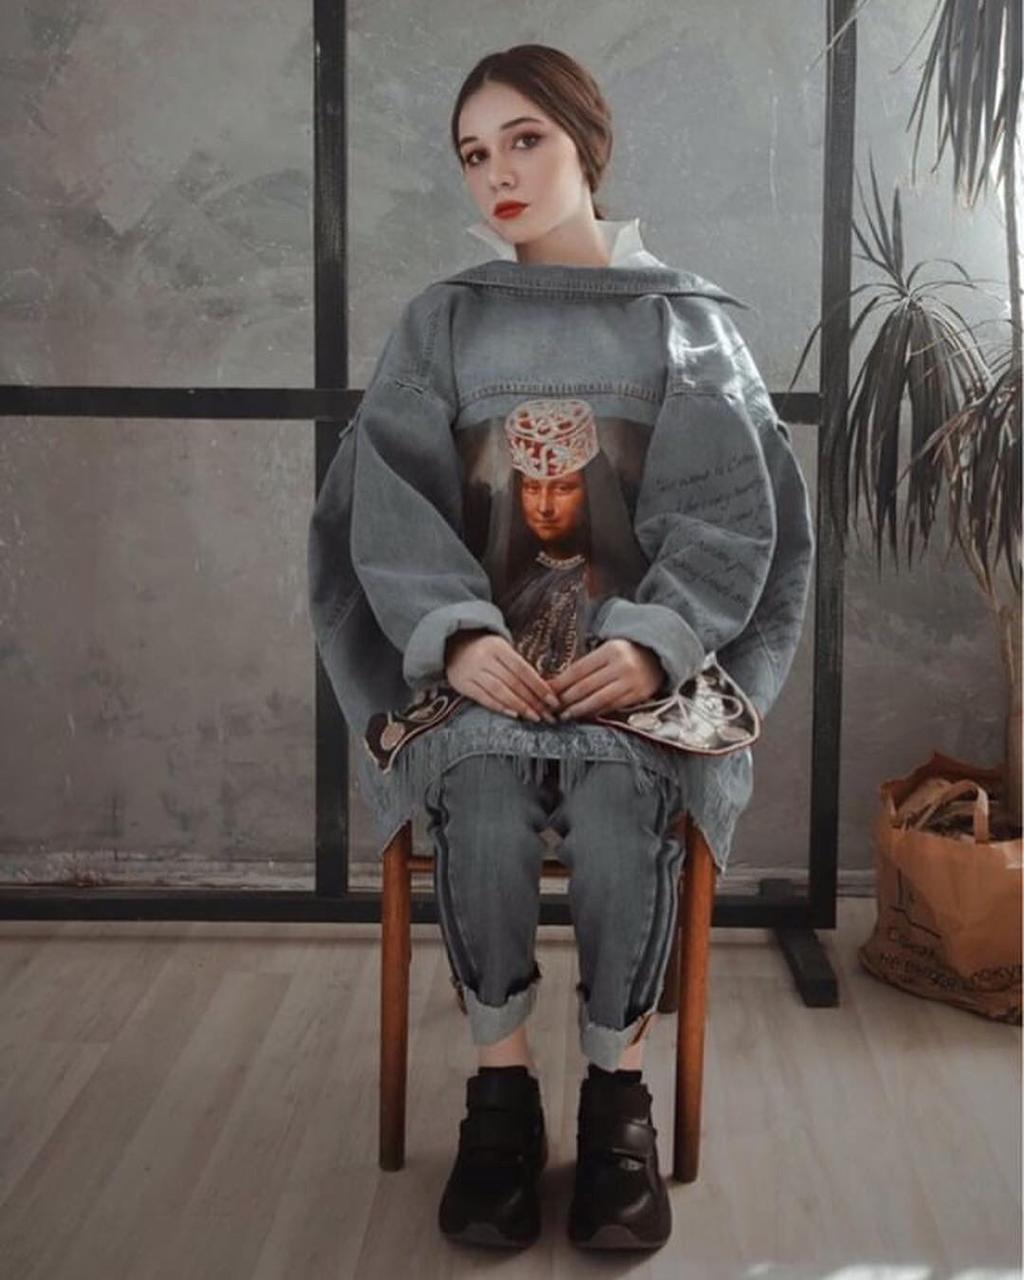 На неделе моды в Москве будет представлена коллекция дизайнера из Адыгеи